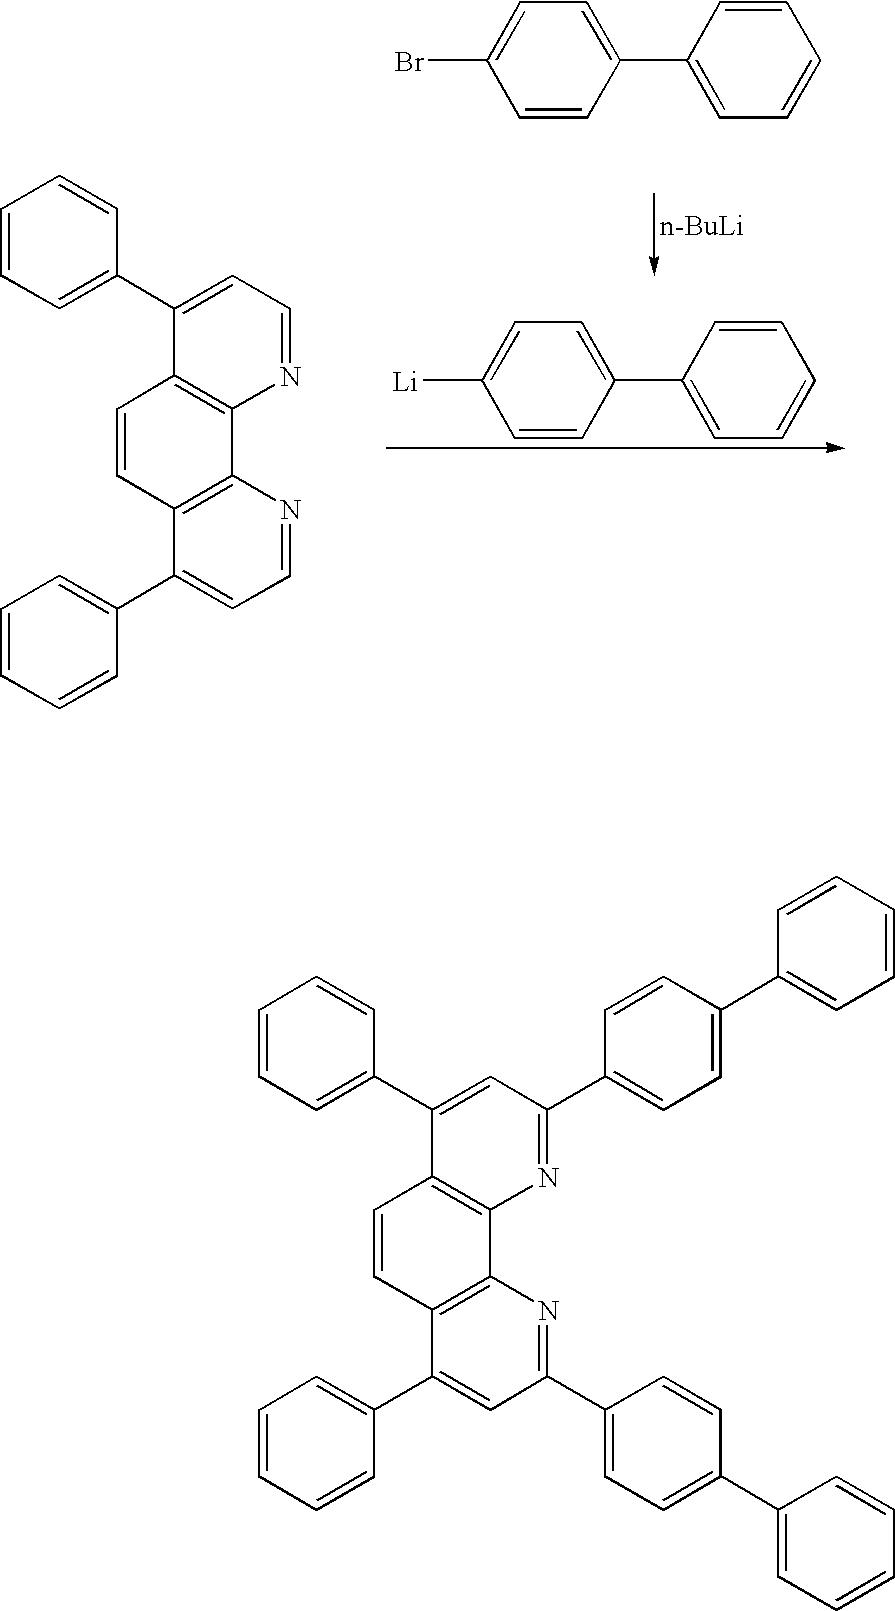 Figure US20050073641A1-20050407-C00065